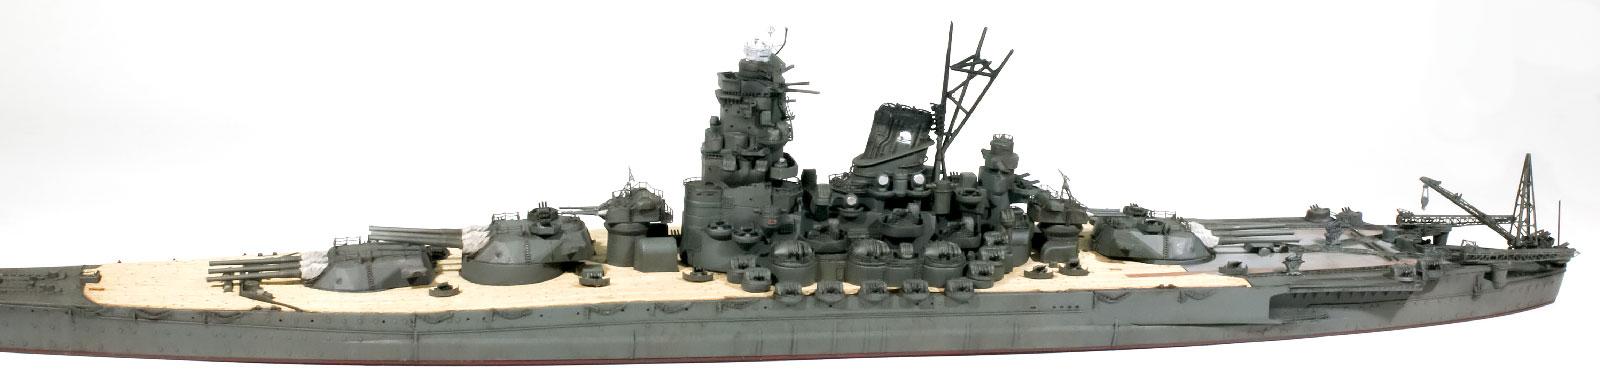 構築物、砲塔の取り付け